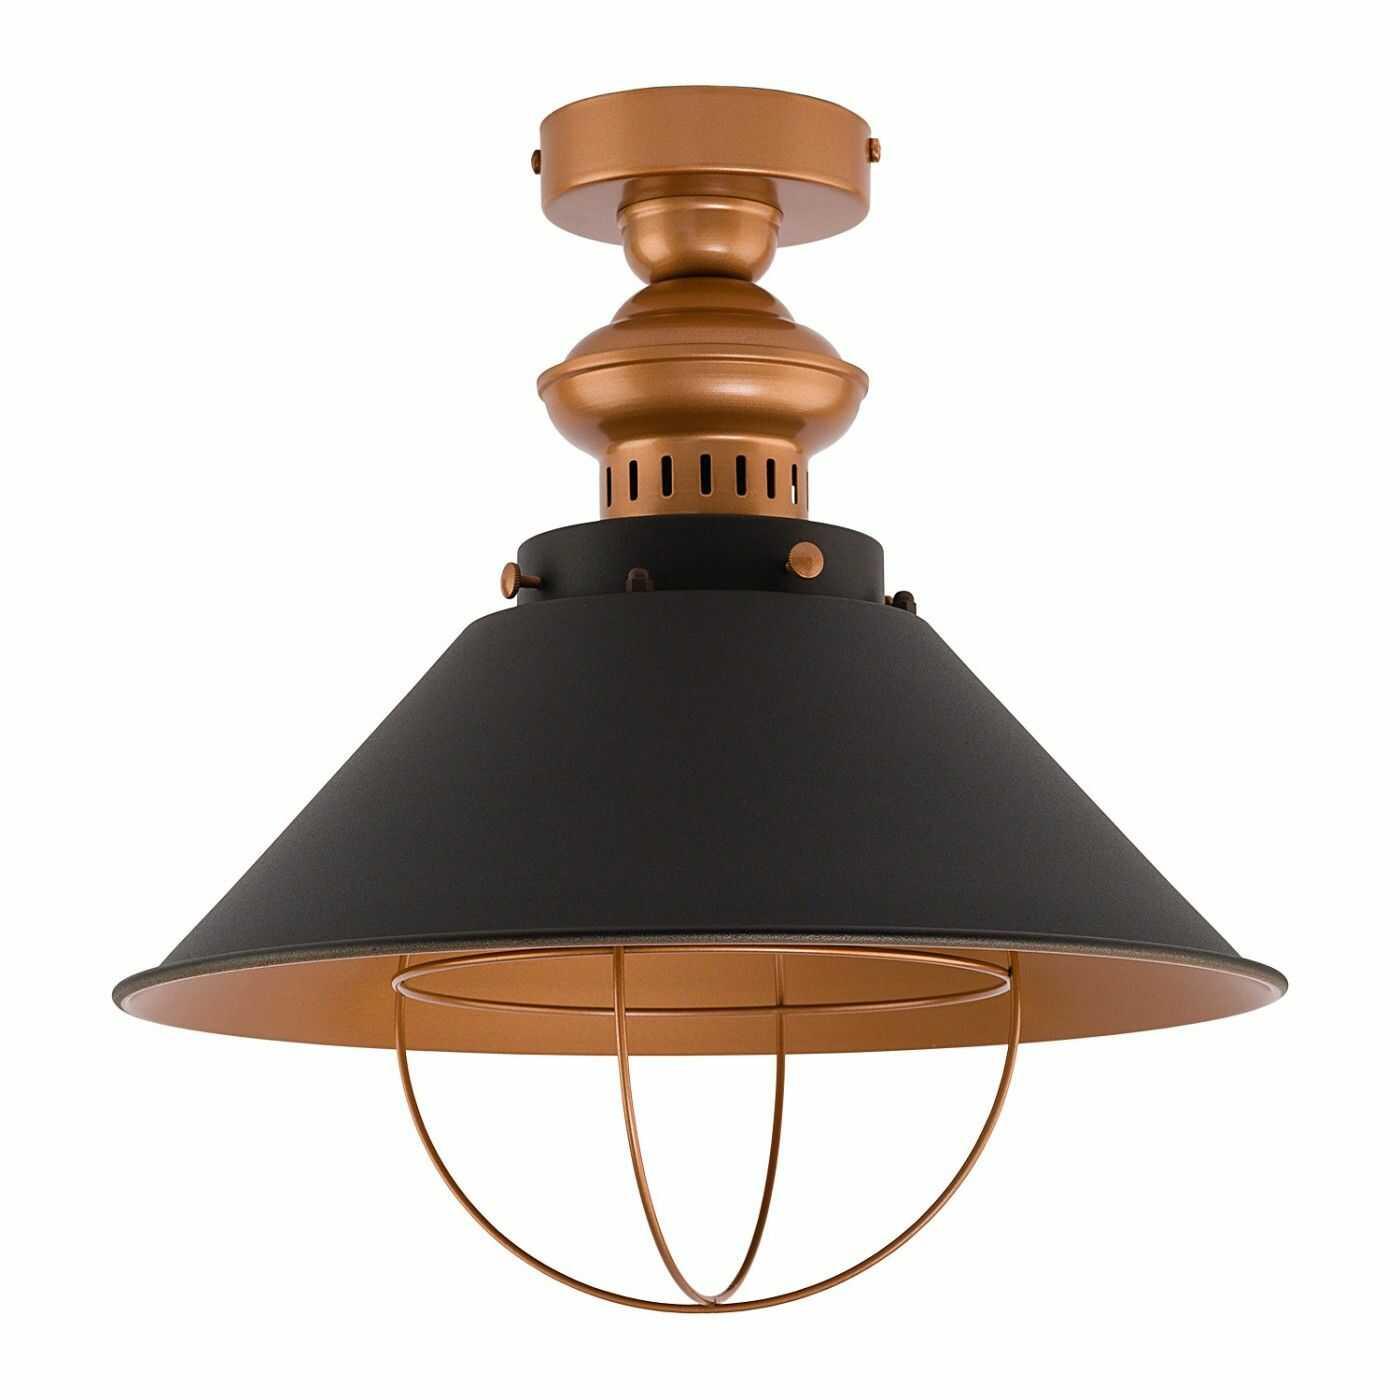 Plafon Garret 9247 Nowodvorski Lighting stalowa oprawa w kolorze czekoladowo-miedzianym